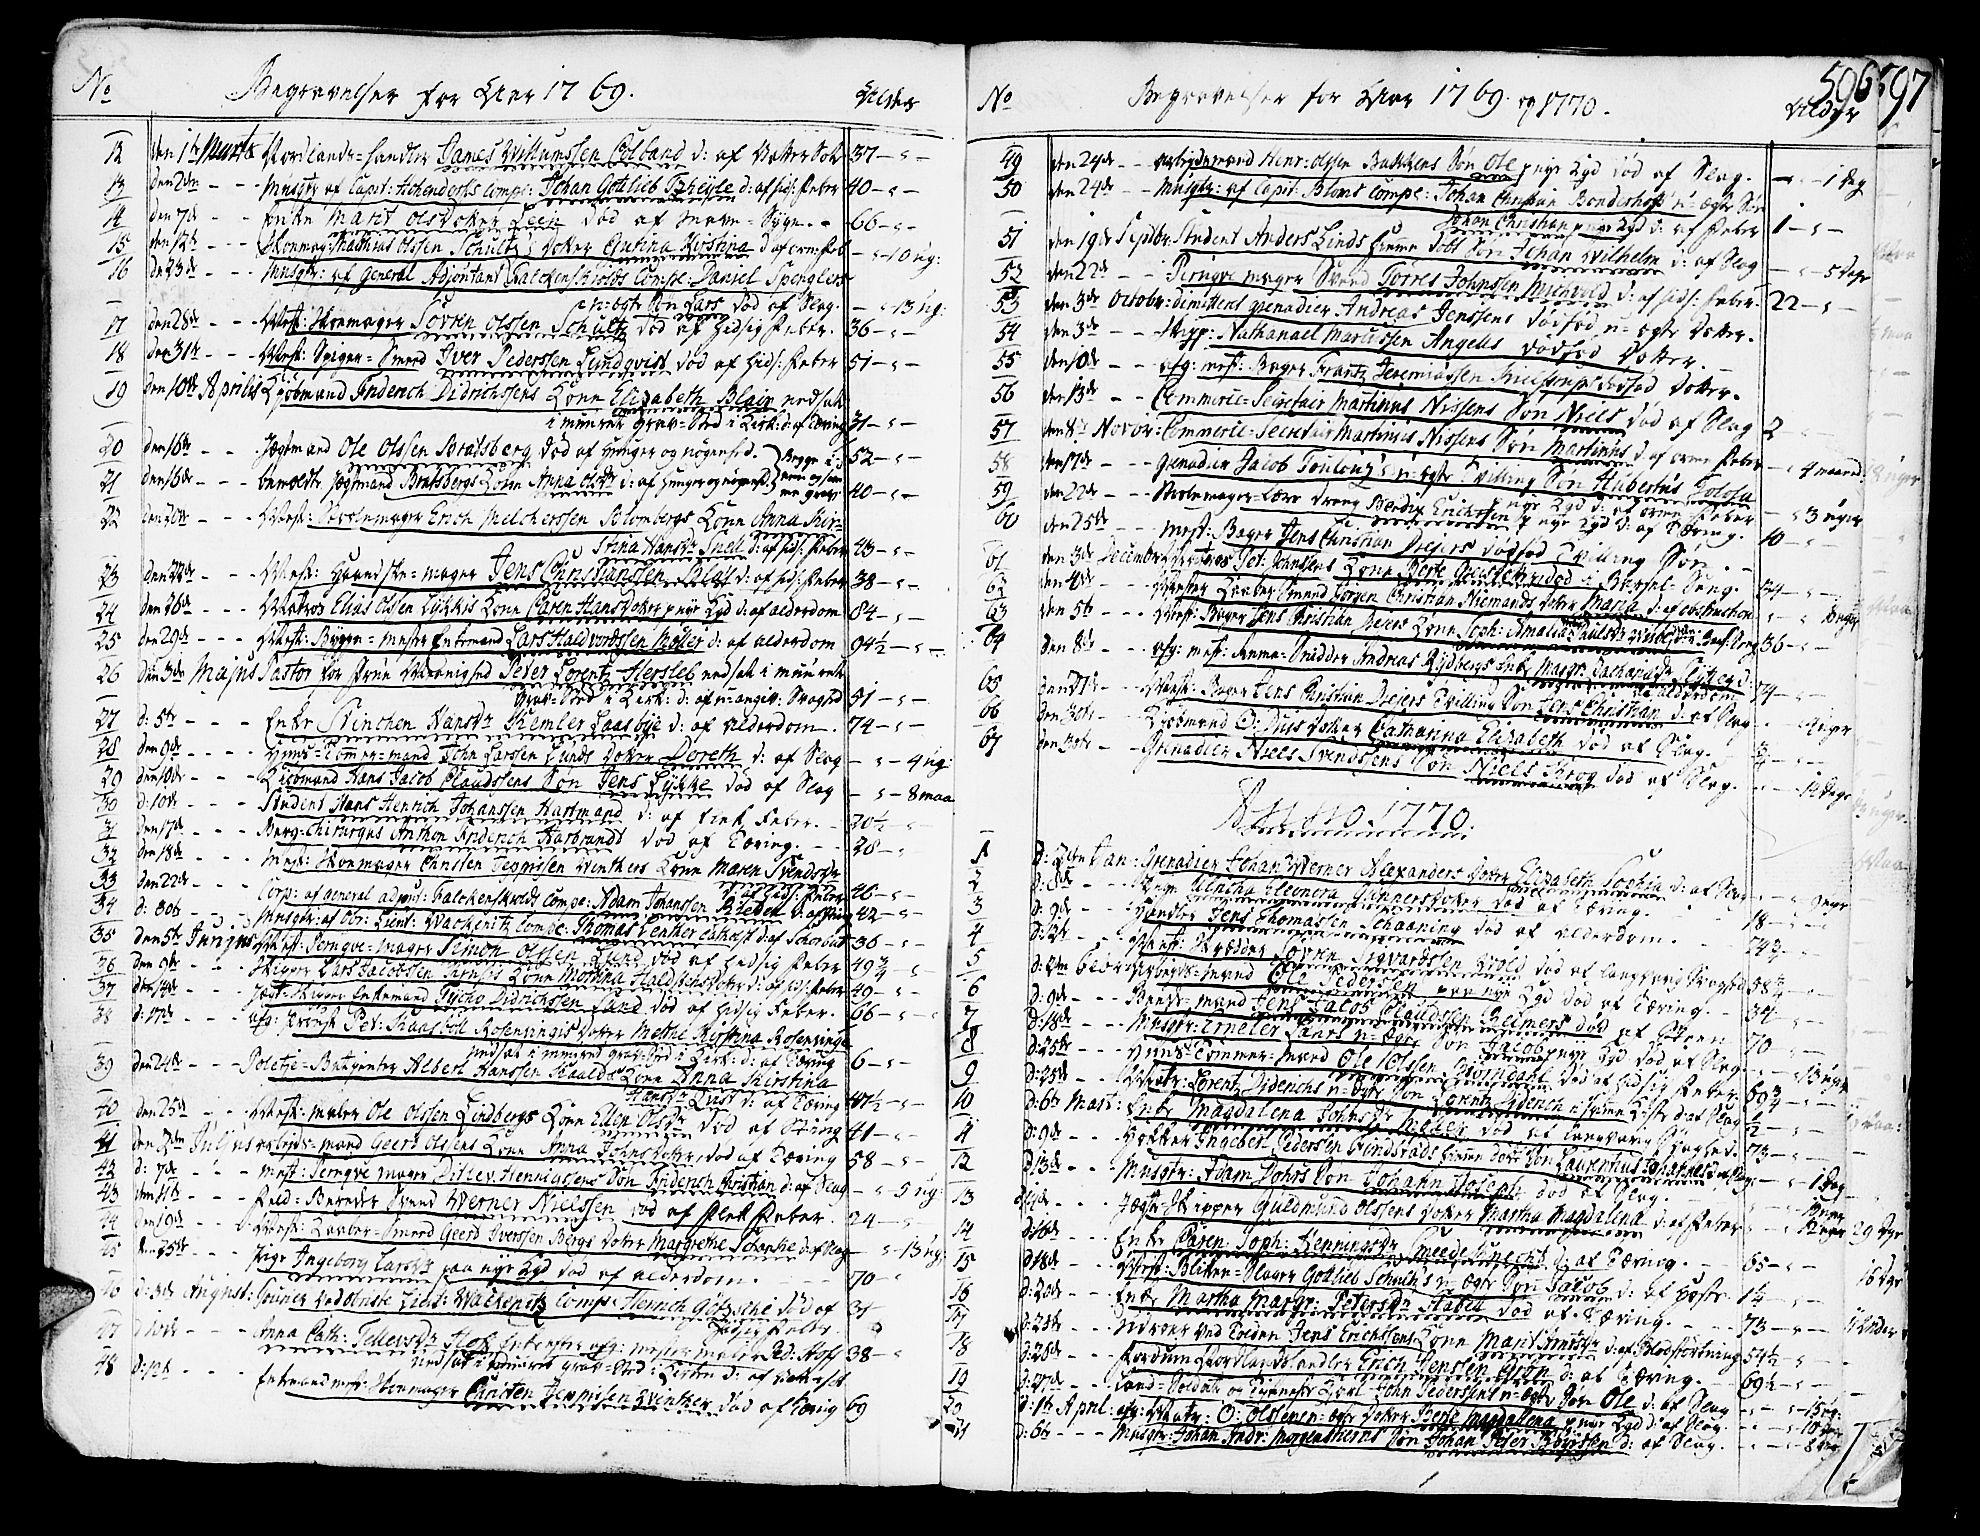 SAT, Ministerialprotokoller, klokkerbøker og fødselsregistre - Sør-Trøndelag, 602/L0103: Ministerialbok nr. 602A01, 1732-1774, s. 596